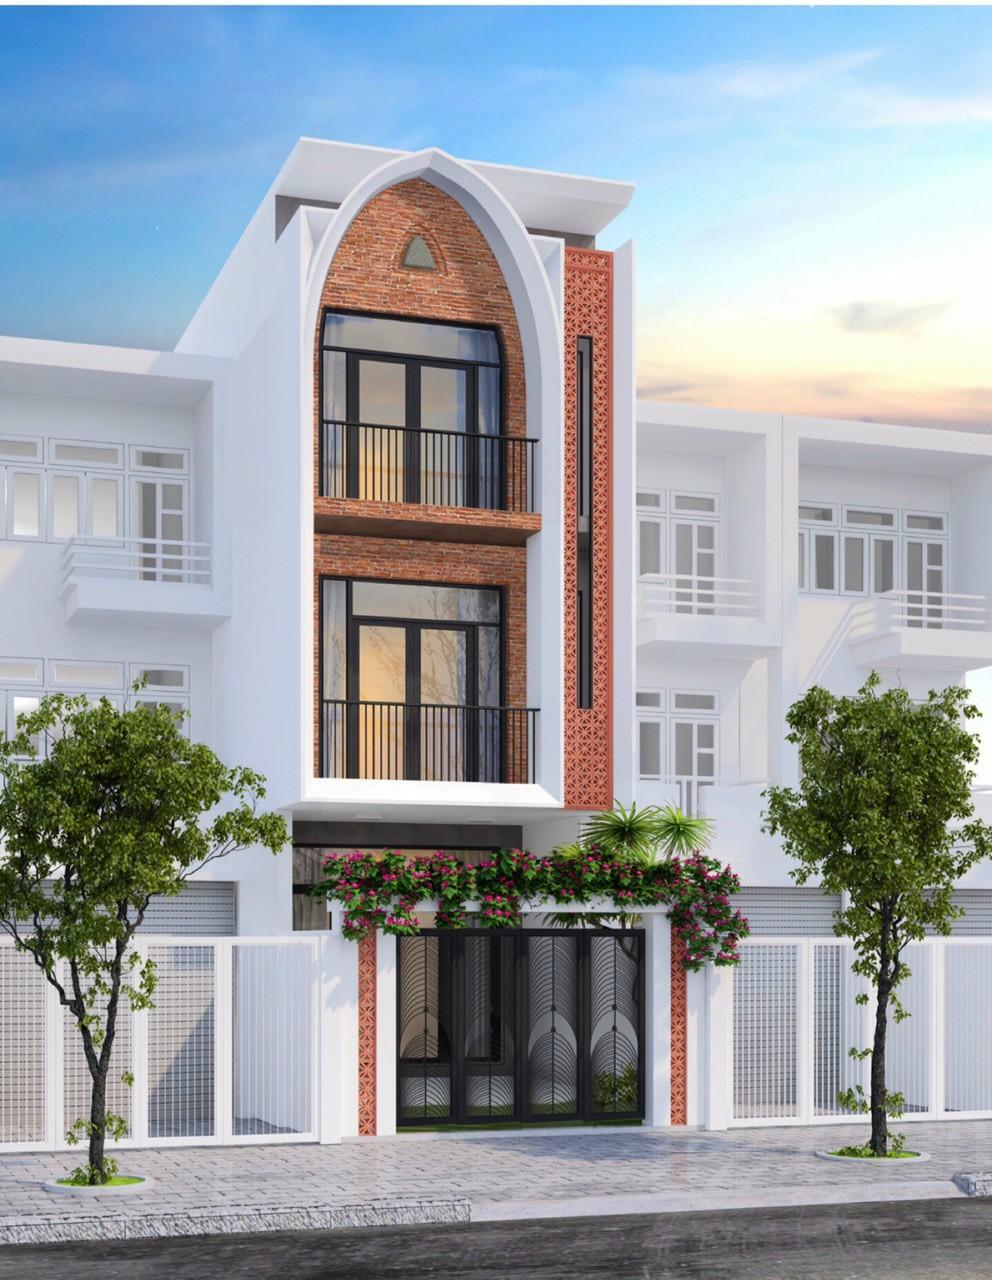 Cần bán Nhà riêng đường Bắc Ái, Phường Đô Vinh, Diện tích 103m², Giá Thương lượng - LH: 0858701238